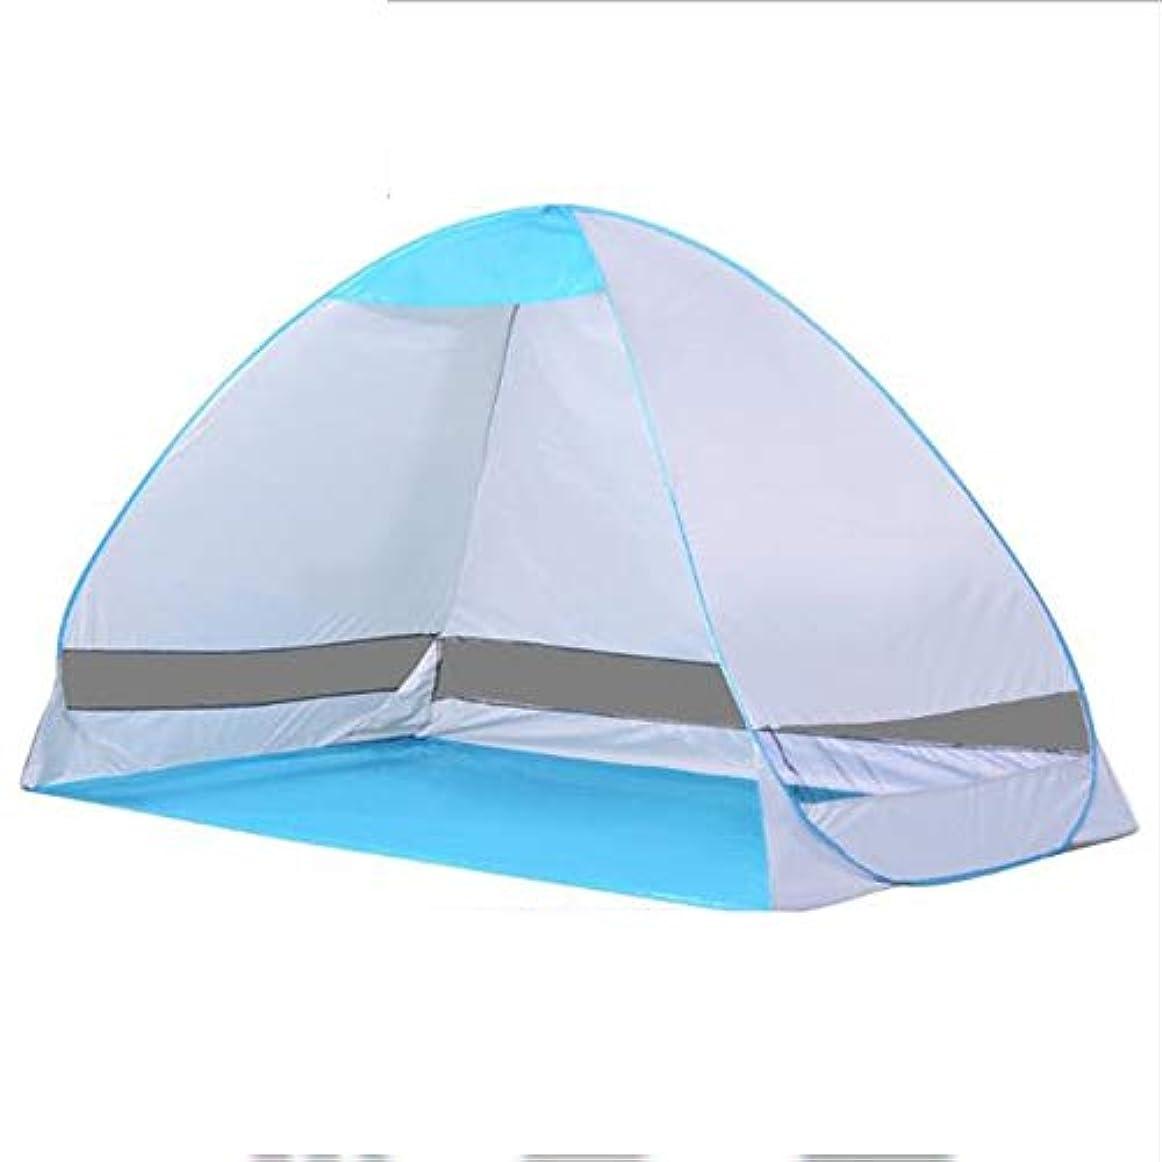 資金裁量あなたのもの浜のテント、屋外の自動速度の開いた二重折る釣日除け